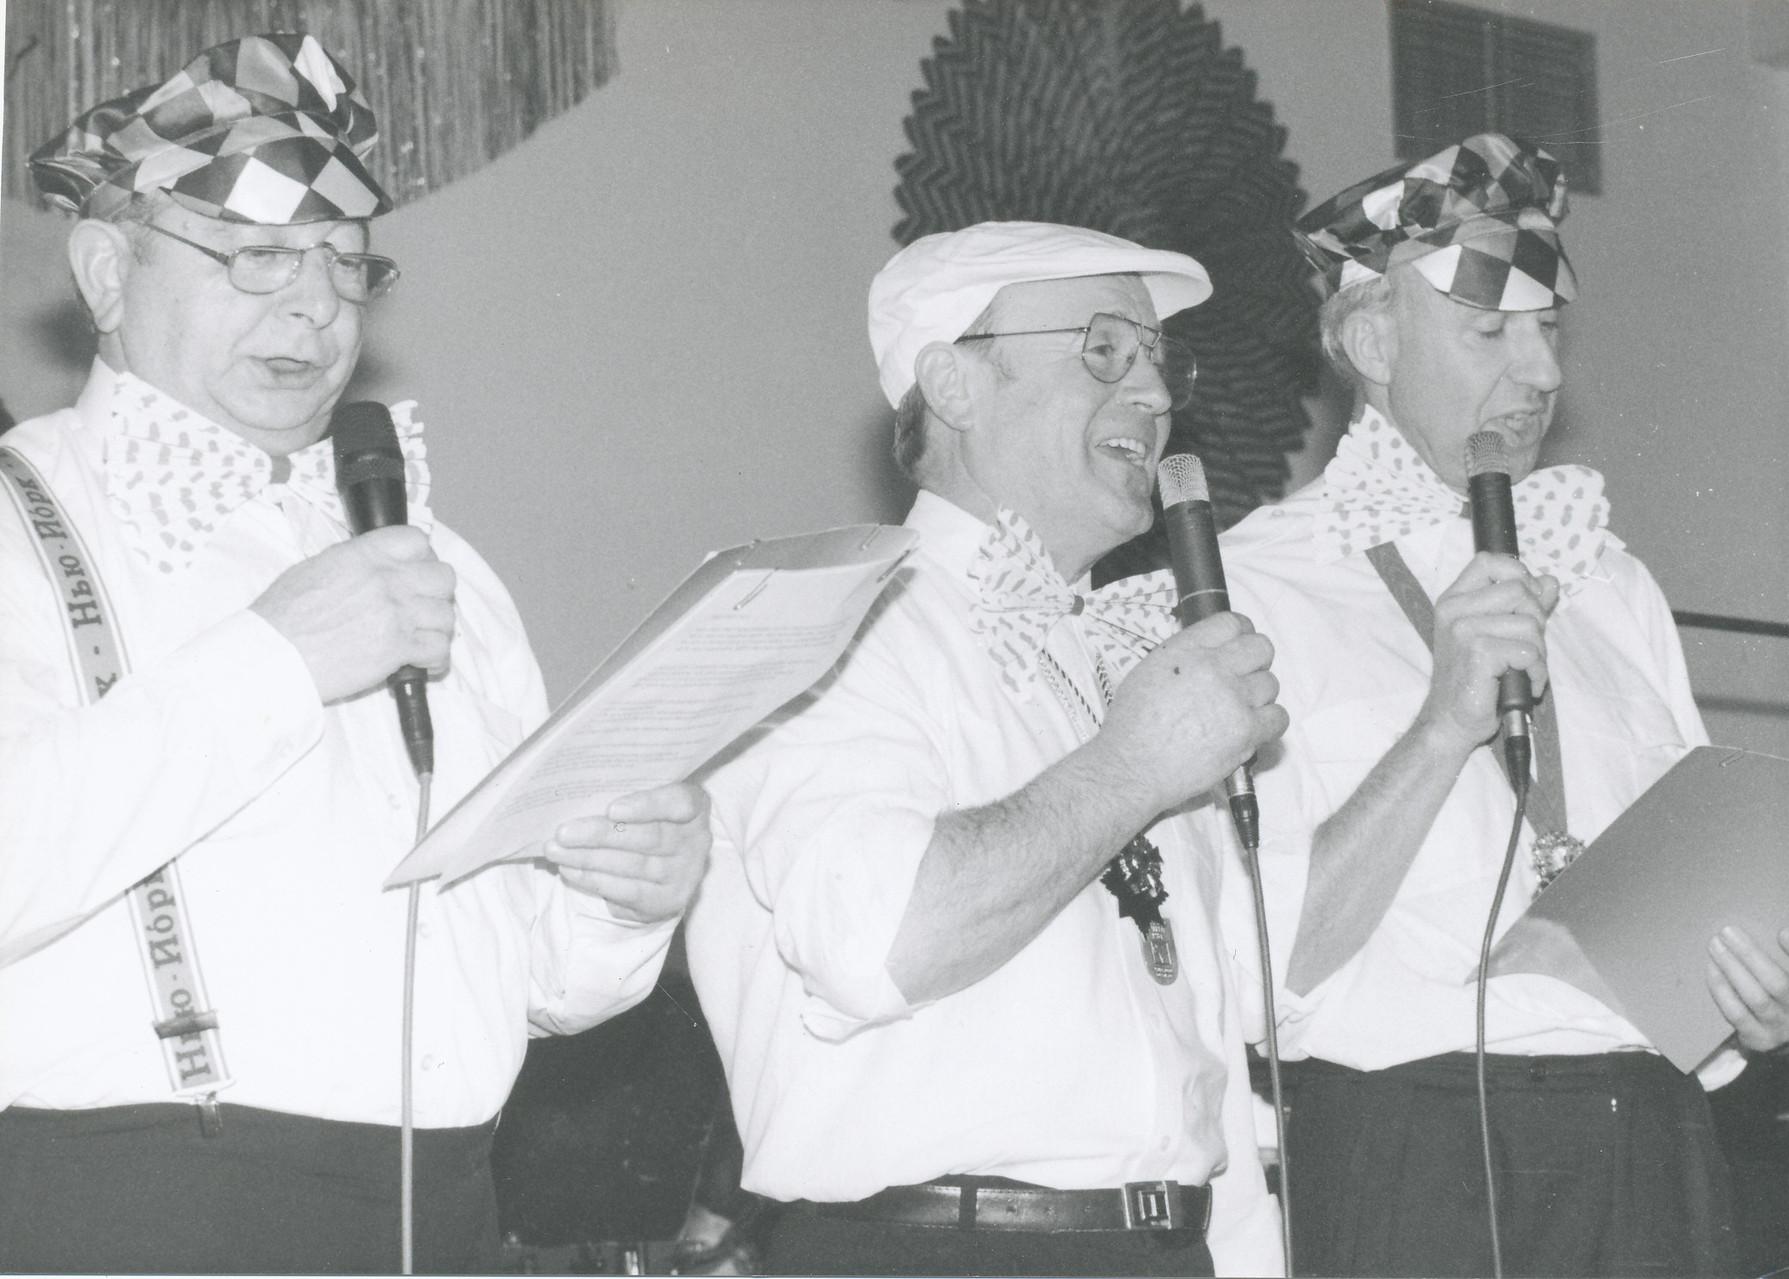 Närrische Singstunde 1996 mit Otmar Klohe, Arthur Röther und Peter Birlem